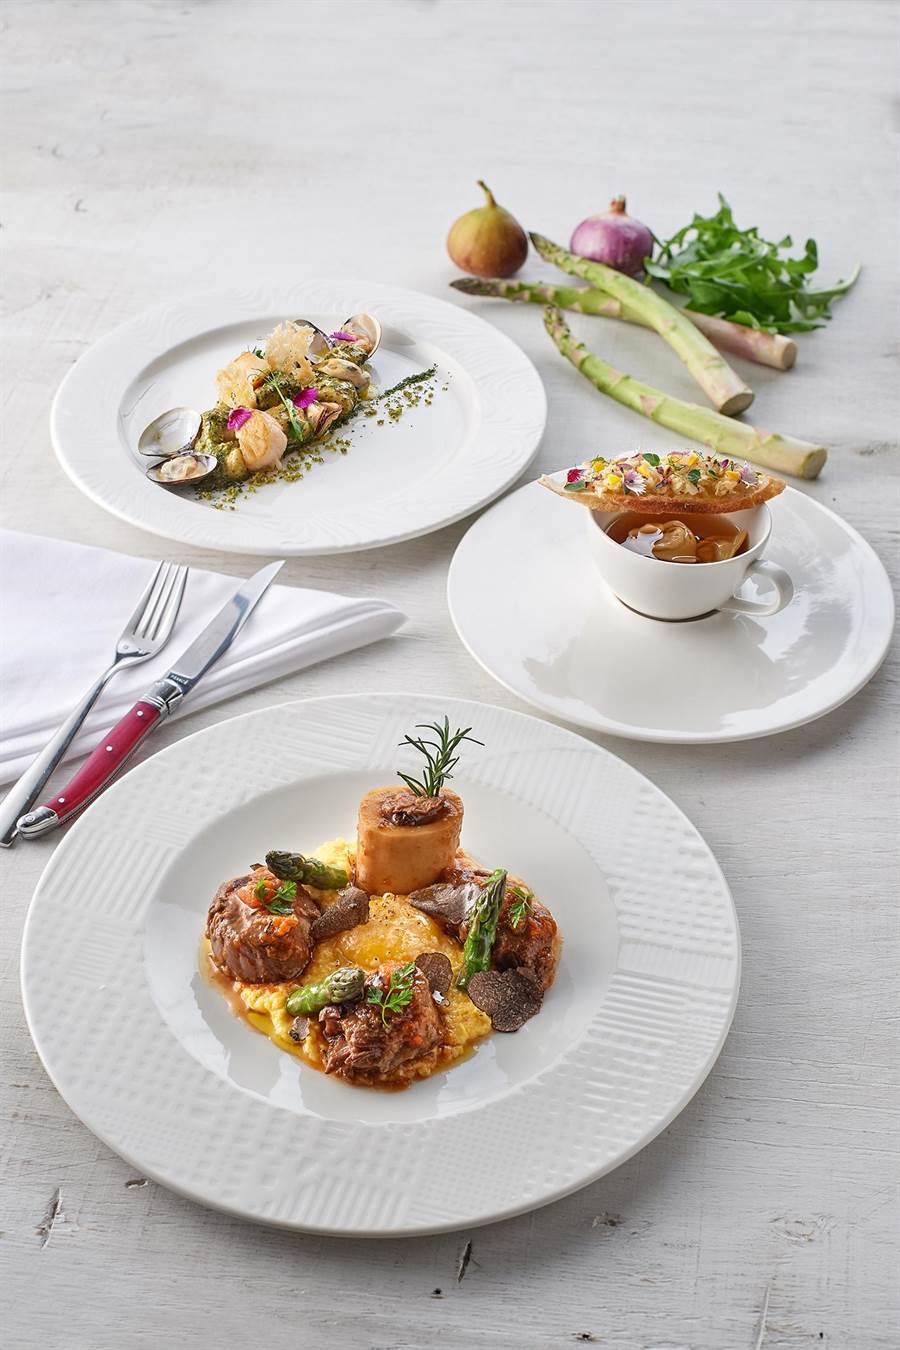 台北美福大飯店即日起推出托斯卡尼風味餐。(台北美福大飯店提供)